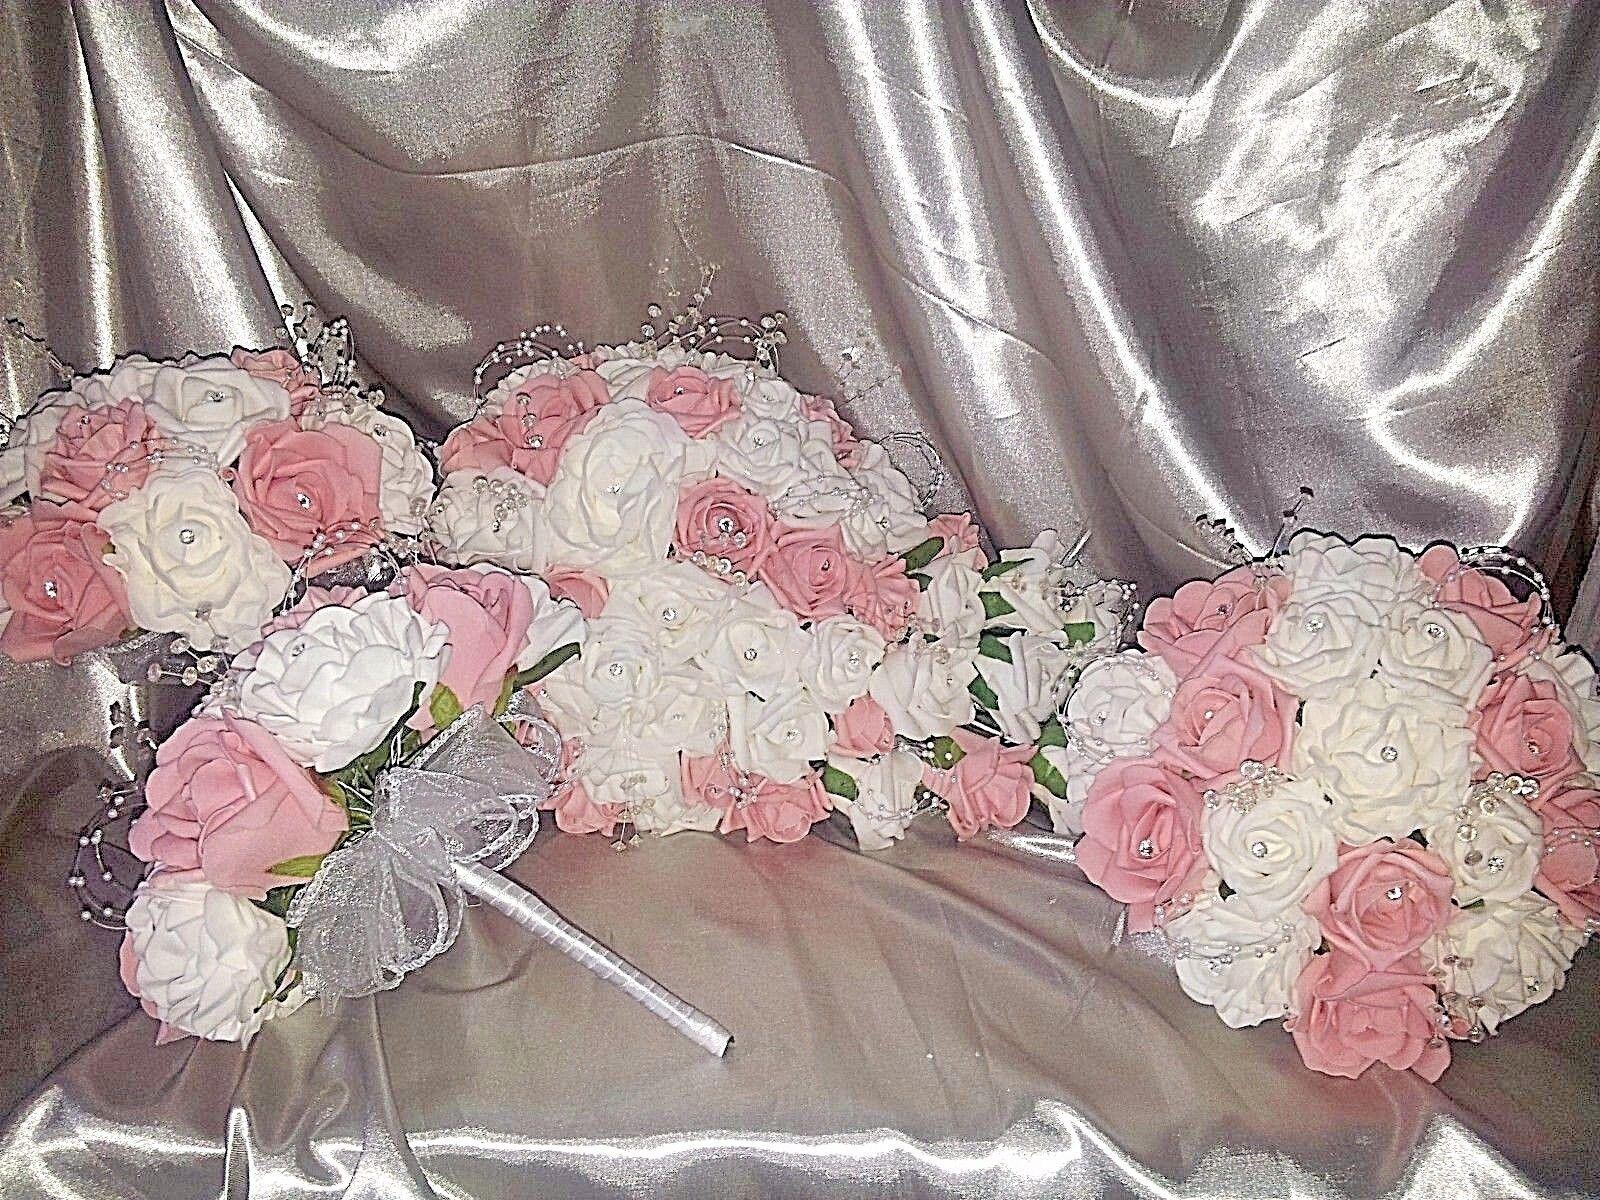 Bébé Rose & Blanc Mariage Paquet Teardrop 3 x demoiselles d'honneur perles Diamantes